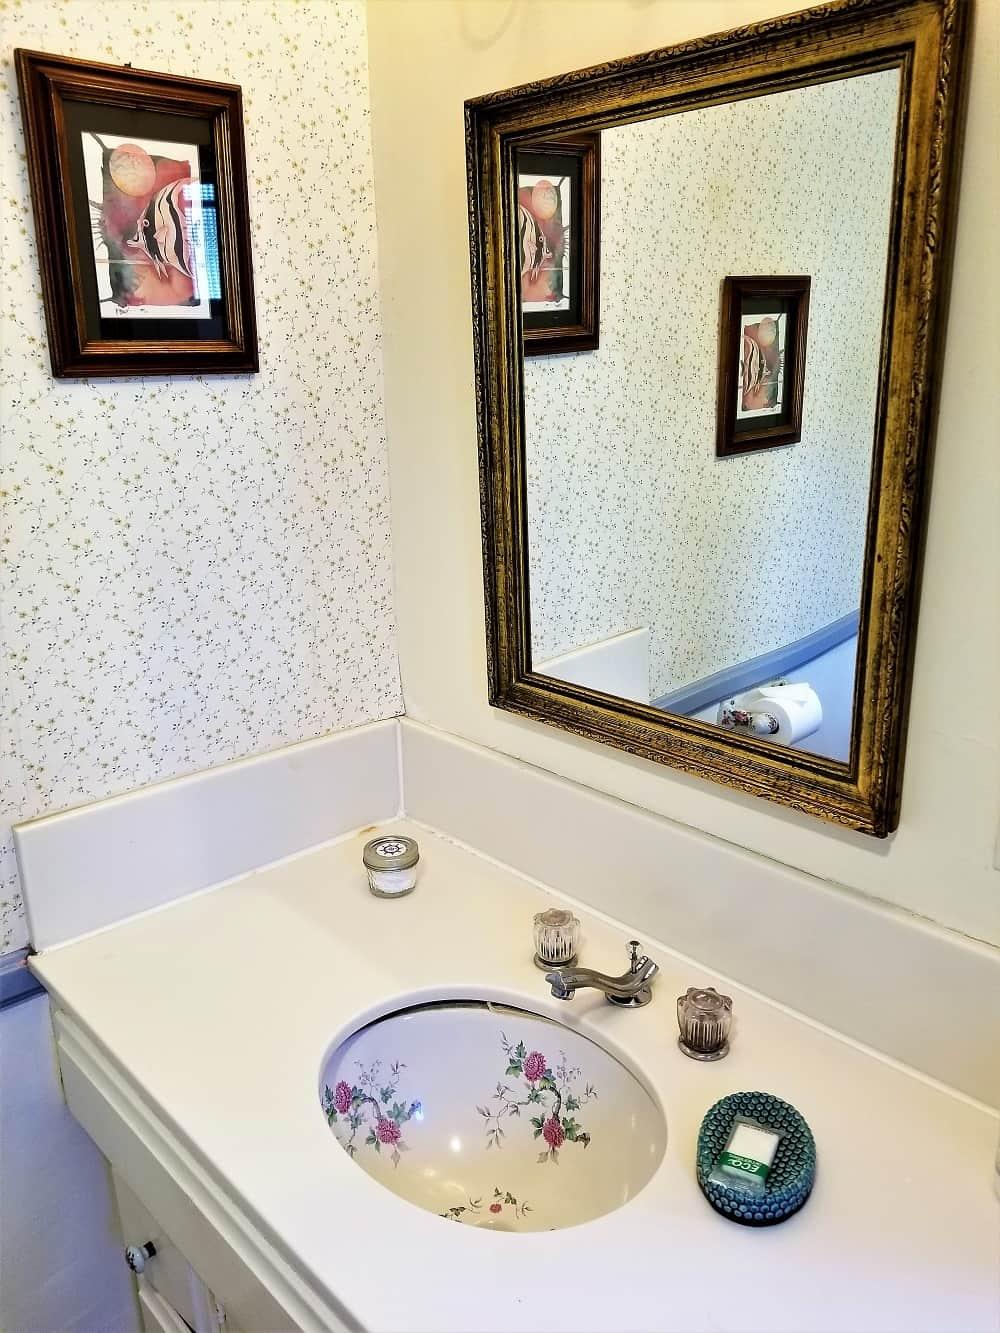 Old Yacht Club Inn bathroom sink